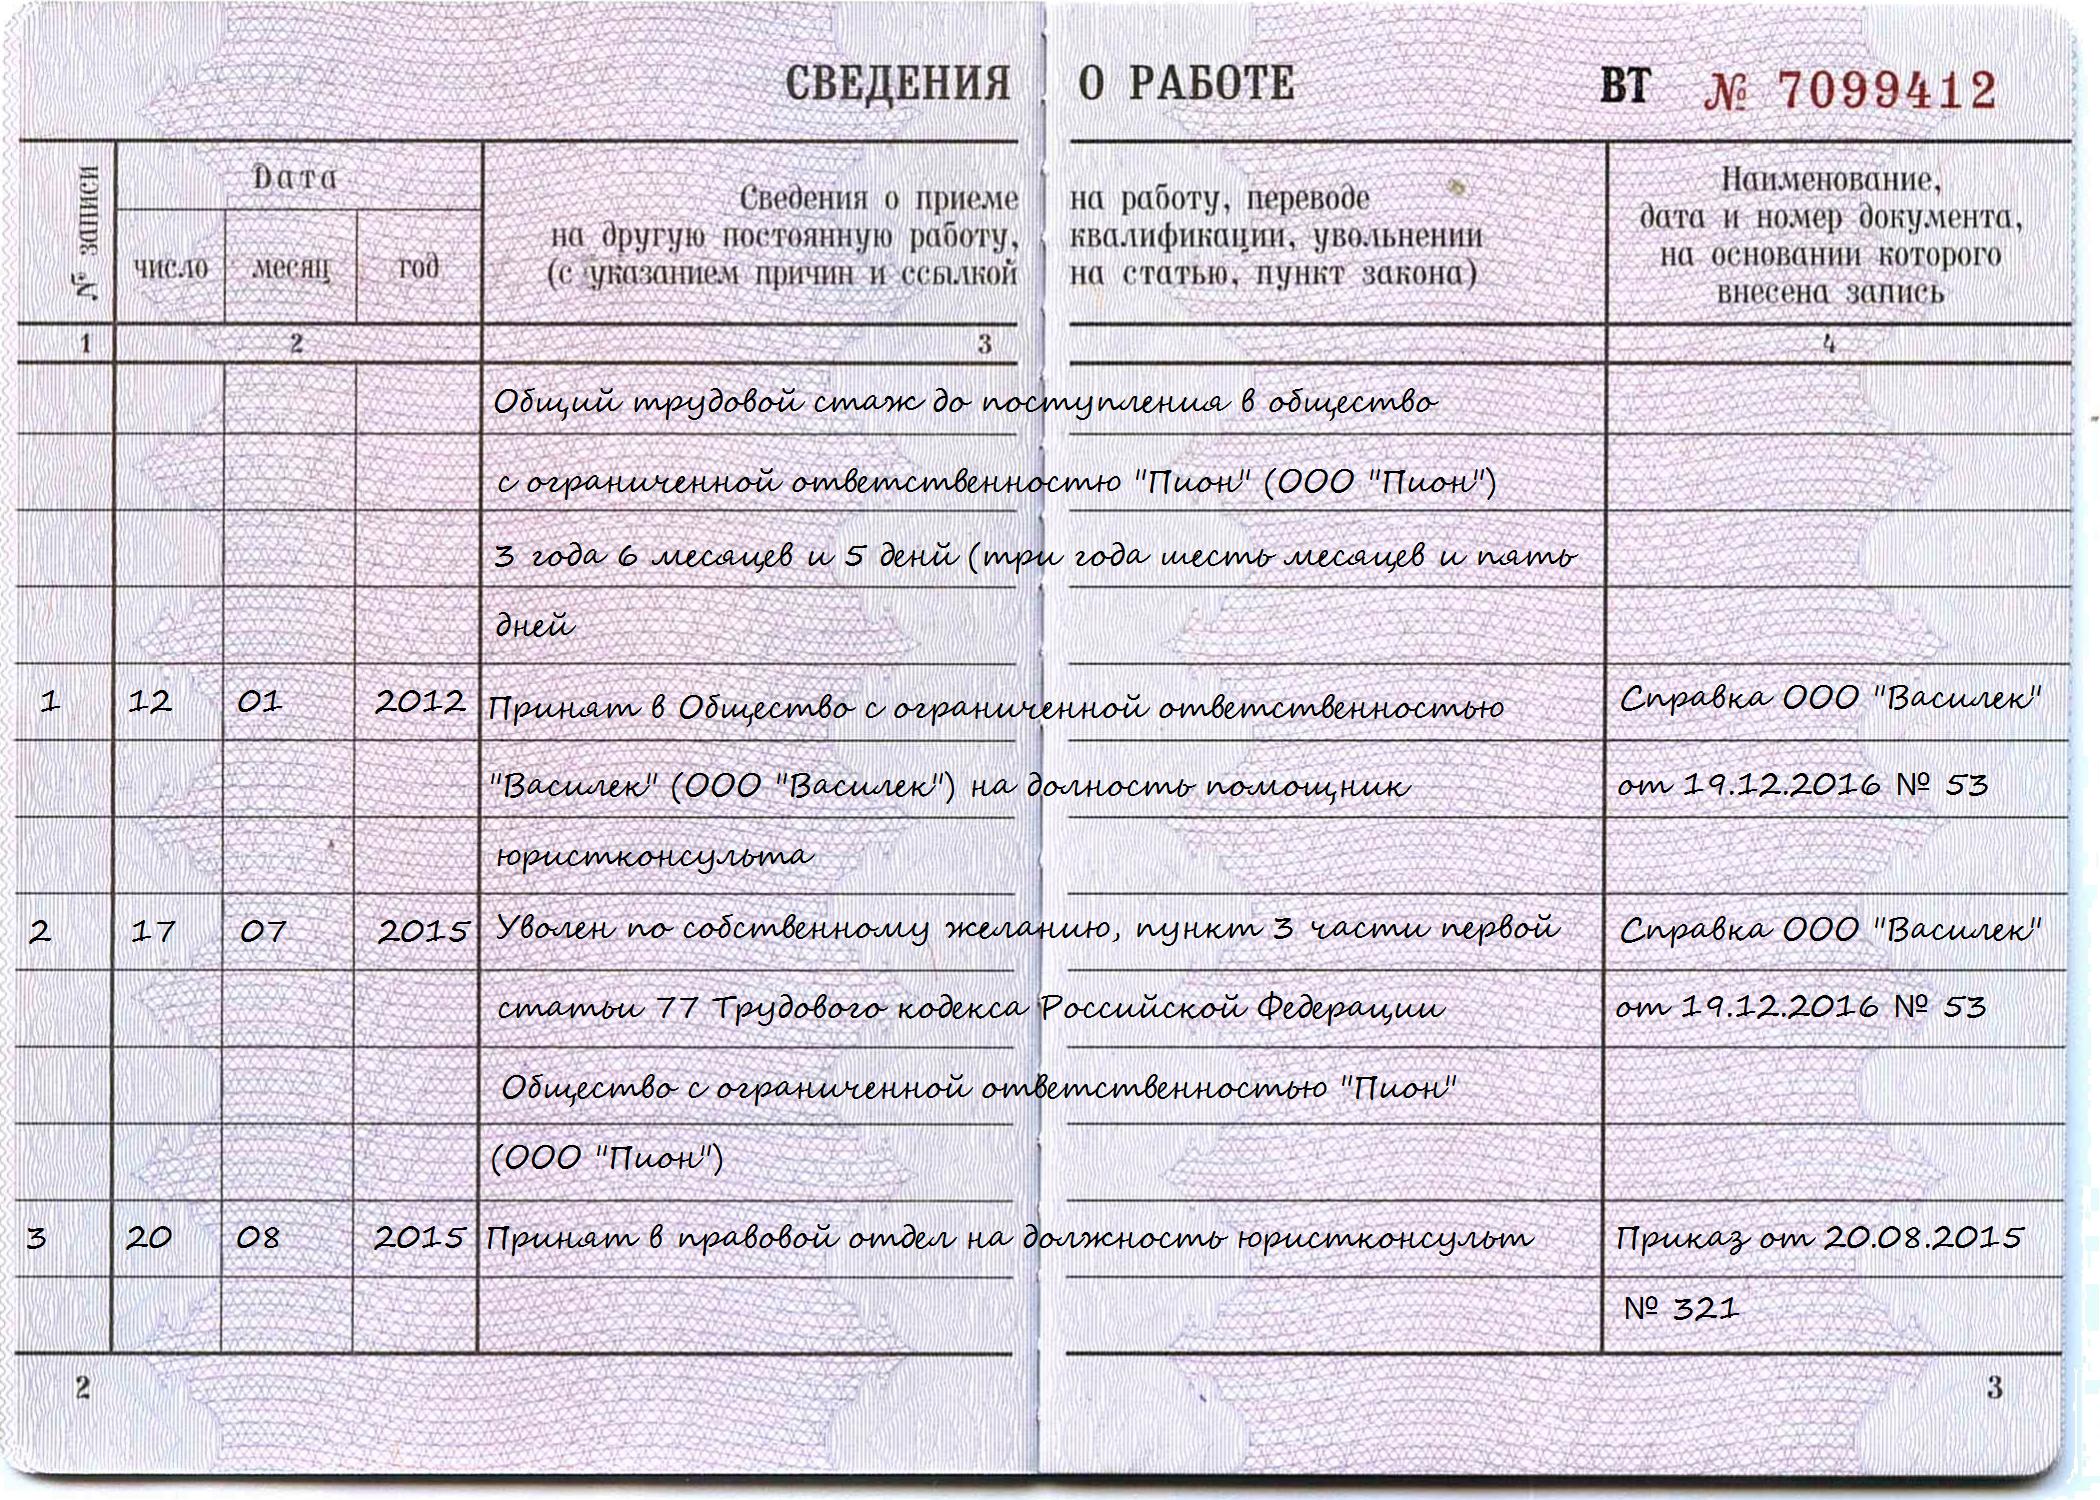 Инструкция по заполнению трудовых книжек дубликатов